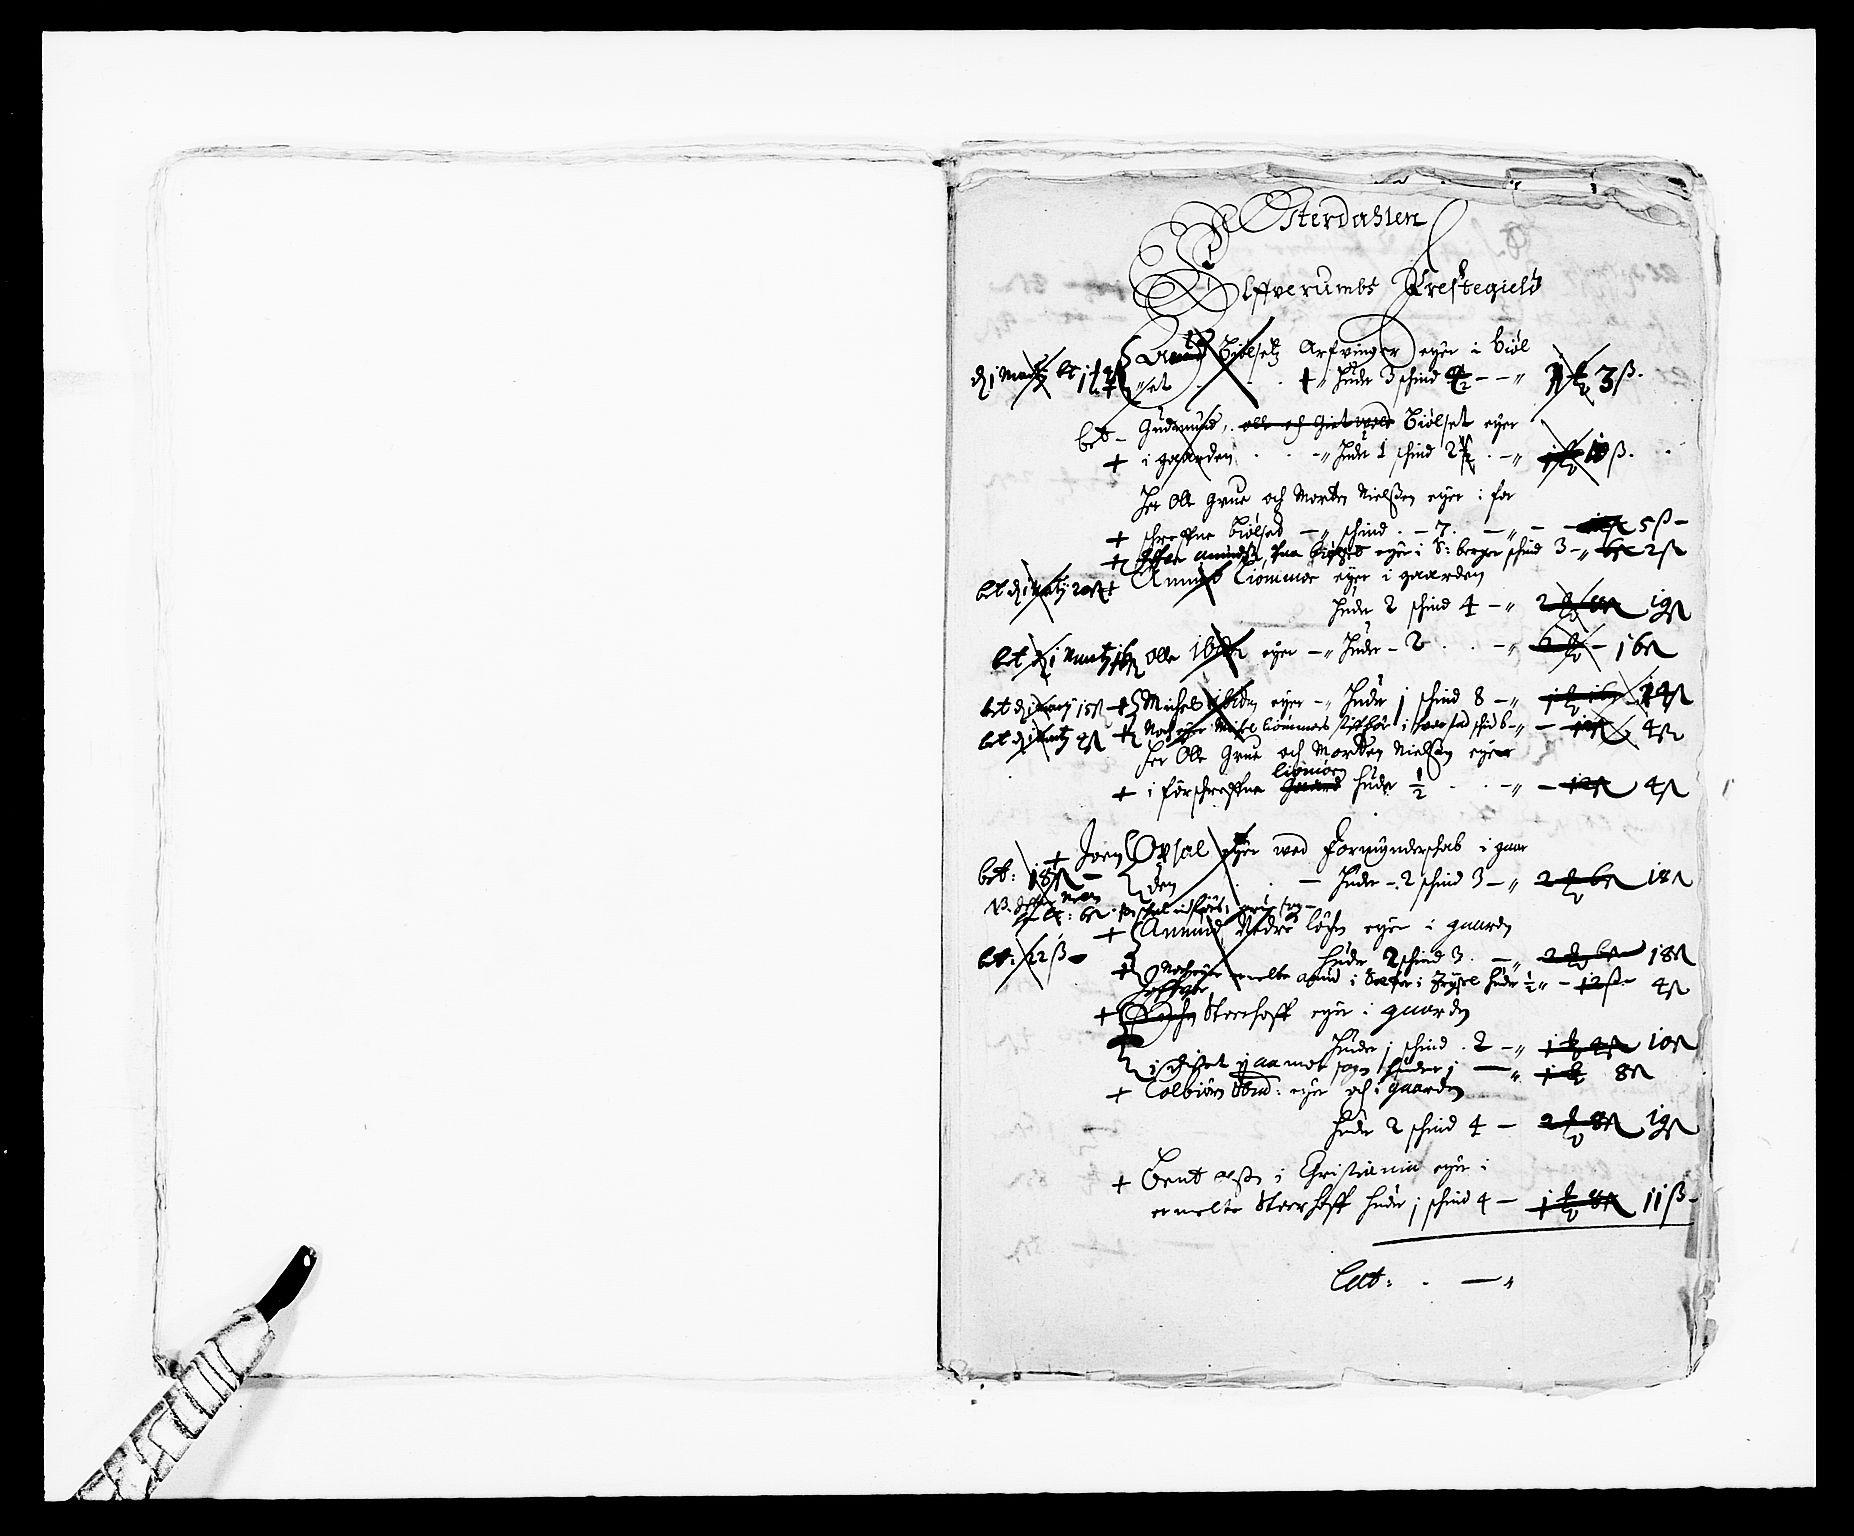 RA, Rentekammeret inntil 1814, Reviderte regnskaper, Fogderegnskap, R13/L0813: Fogderegnskap Solør, Odal og Østerdal, 1677, s. 244